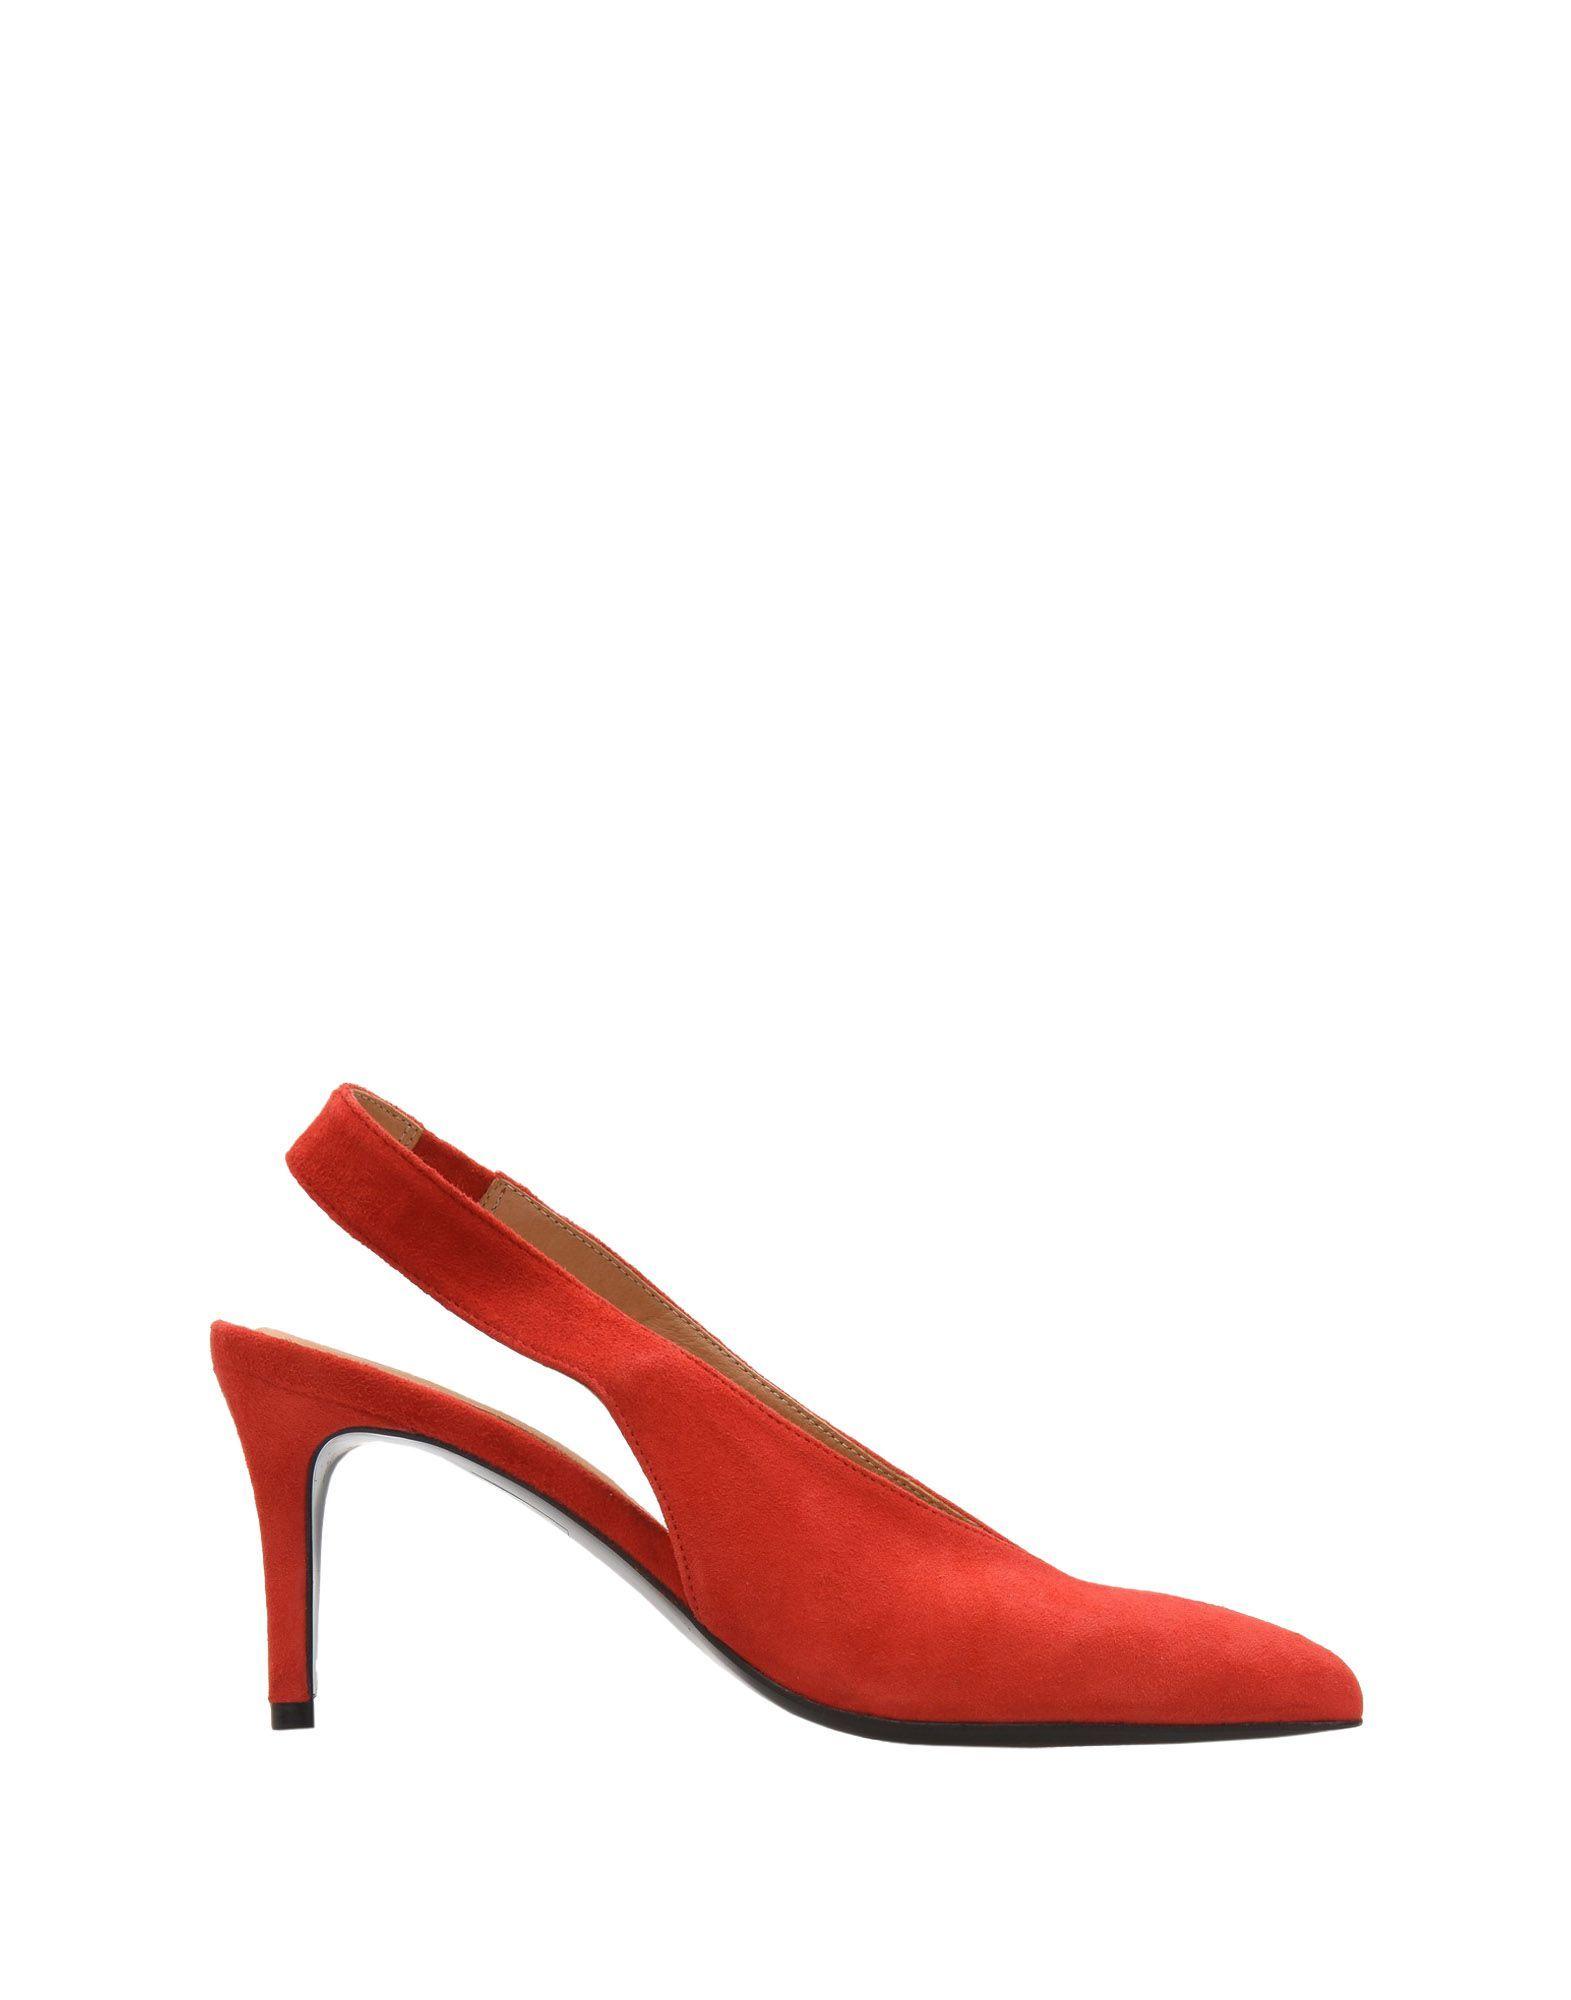 FOOTWEAR Twist & Tango Red Woman Leather